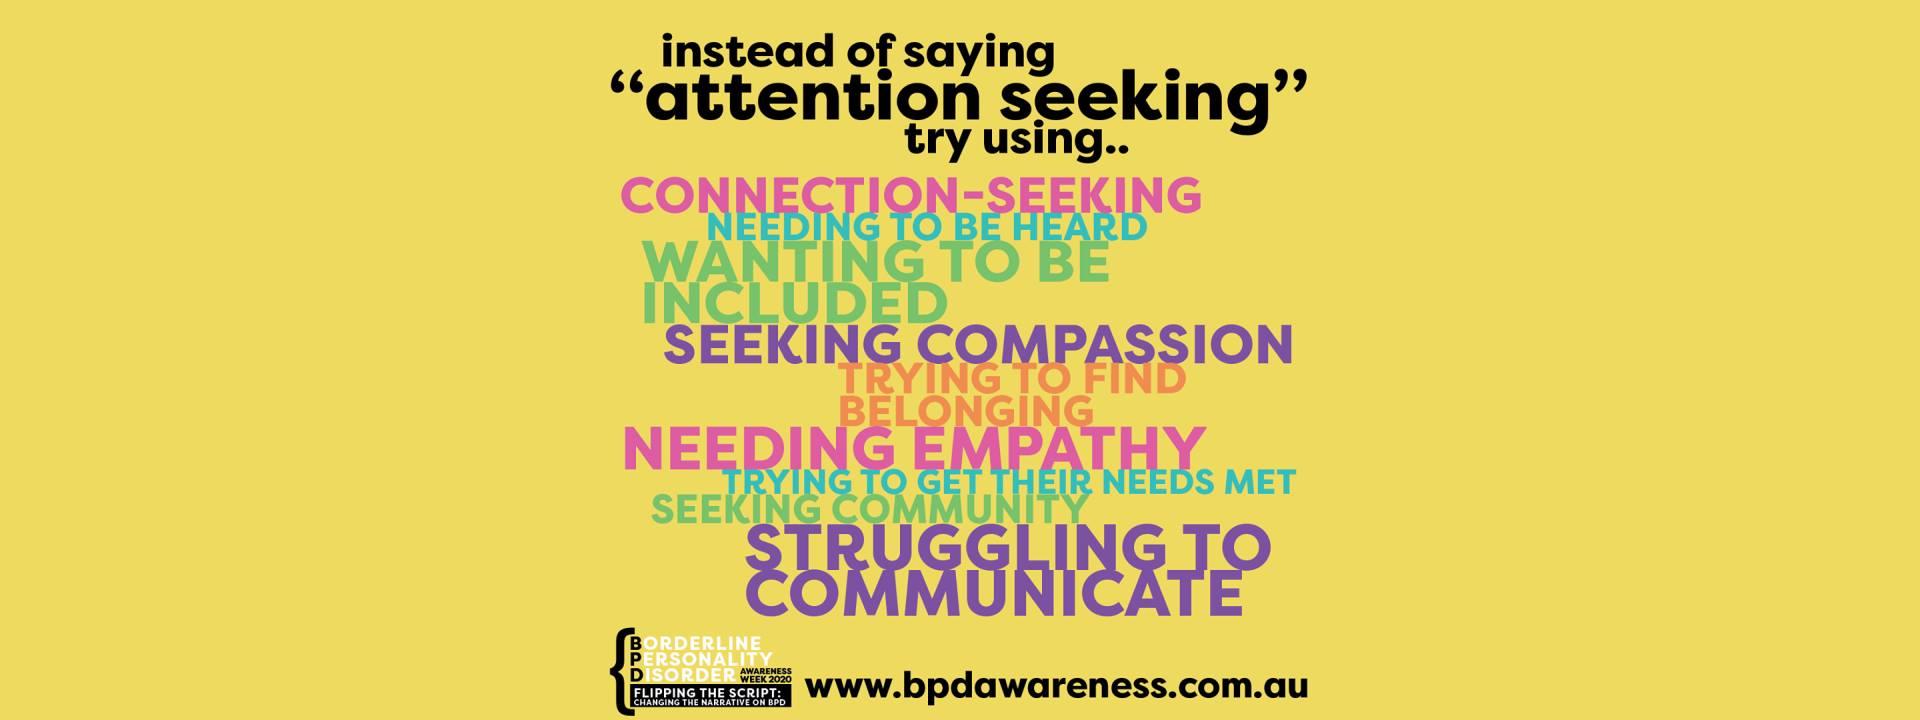 BPD Awareness Week - Not Attention Seeking